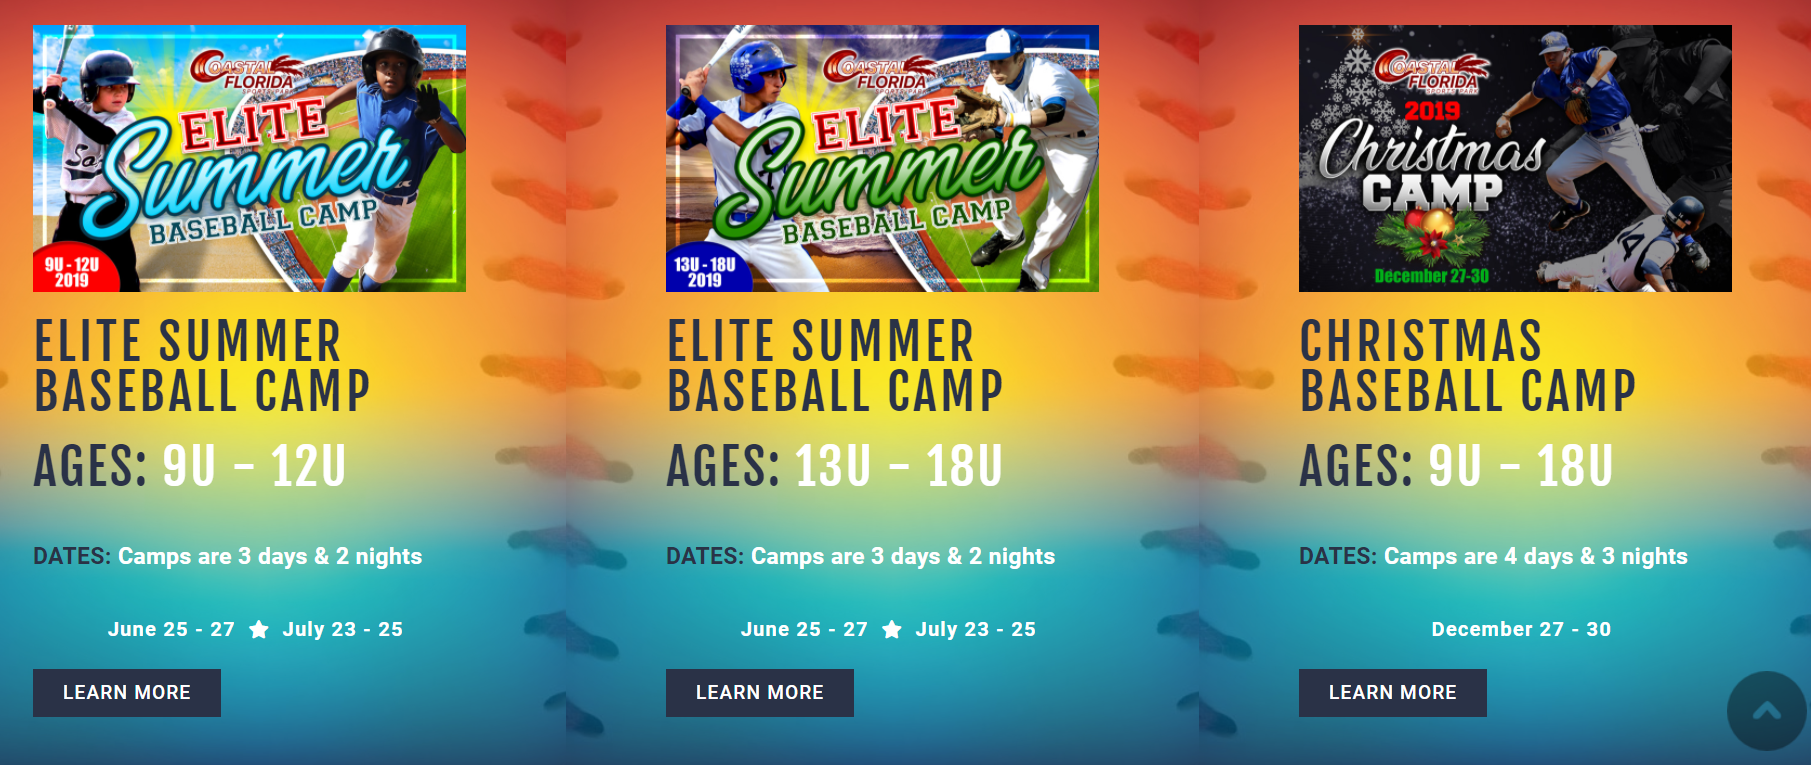 ELITE SUMMER BASEBALL CAMP